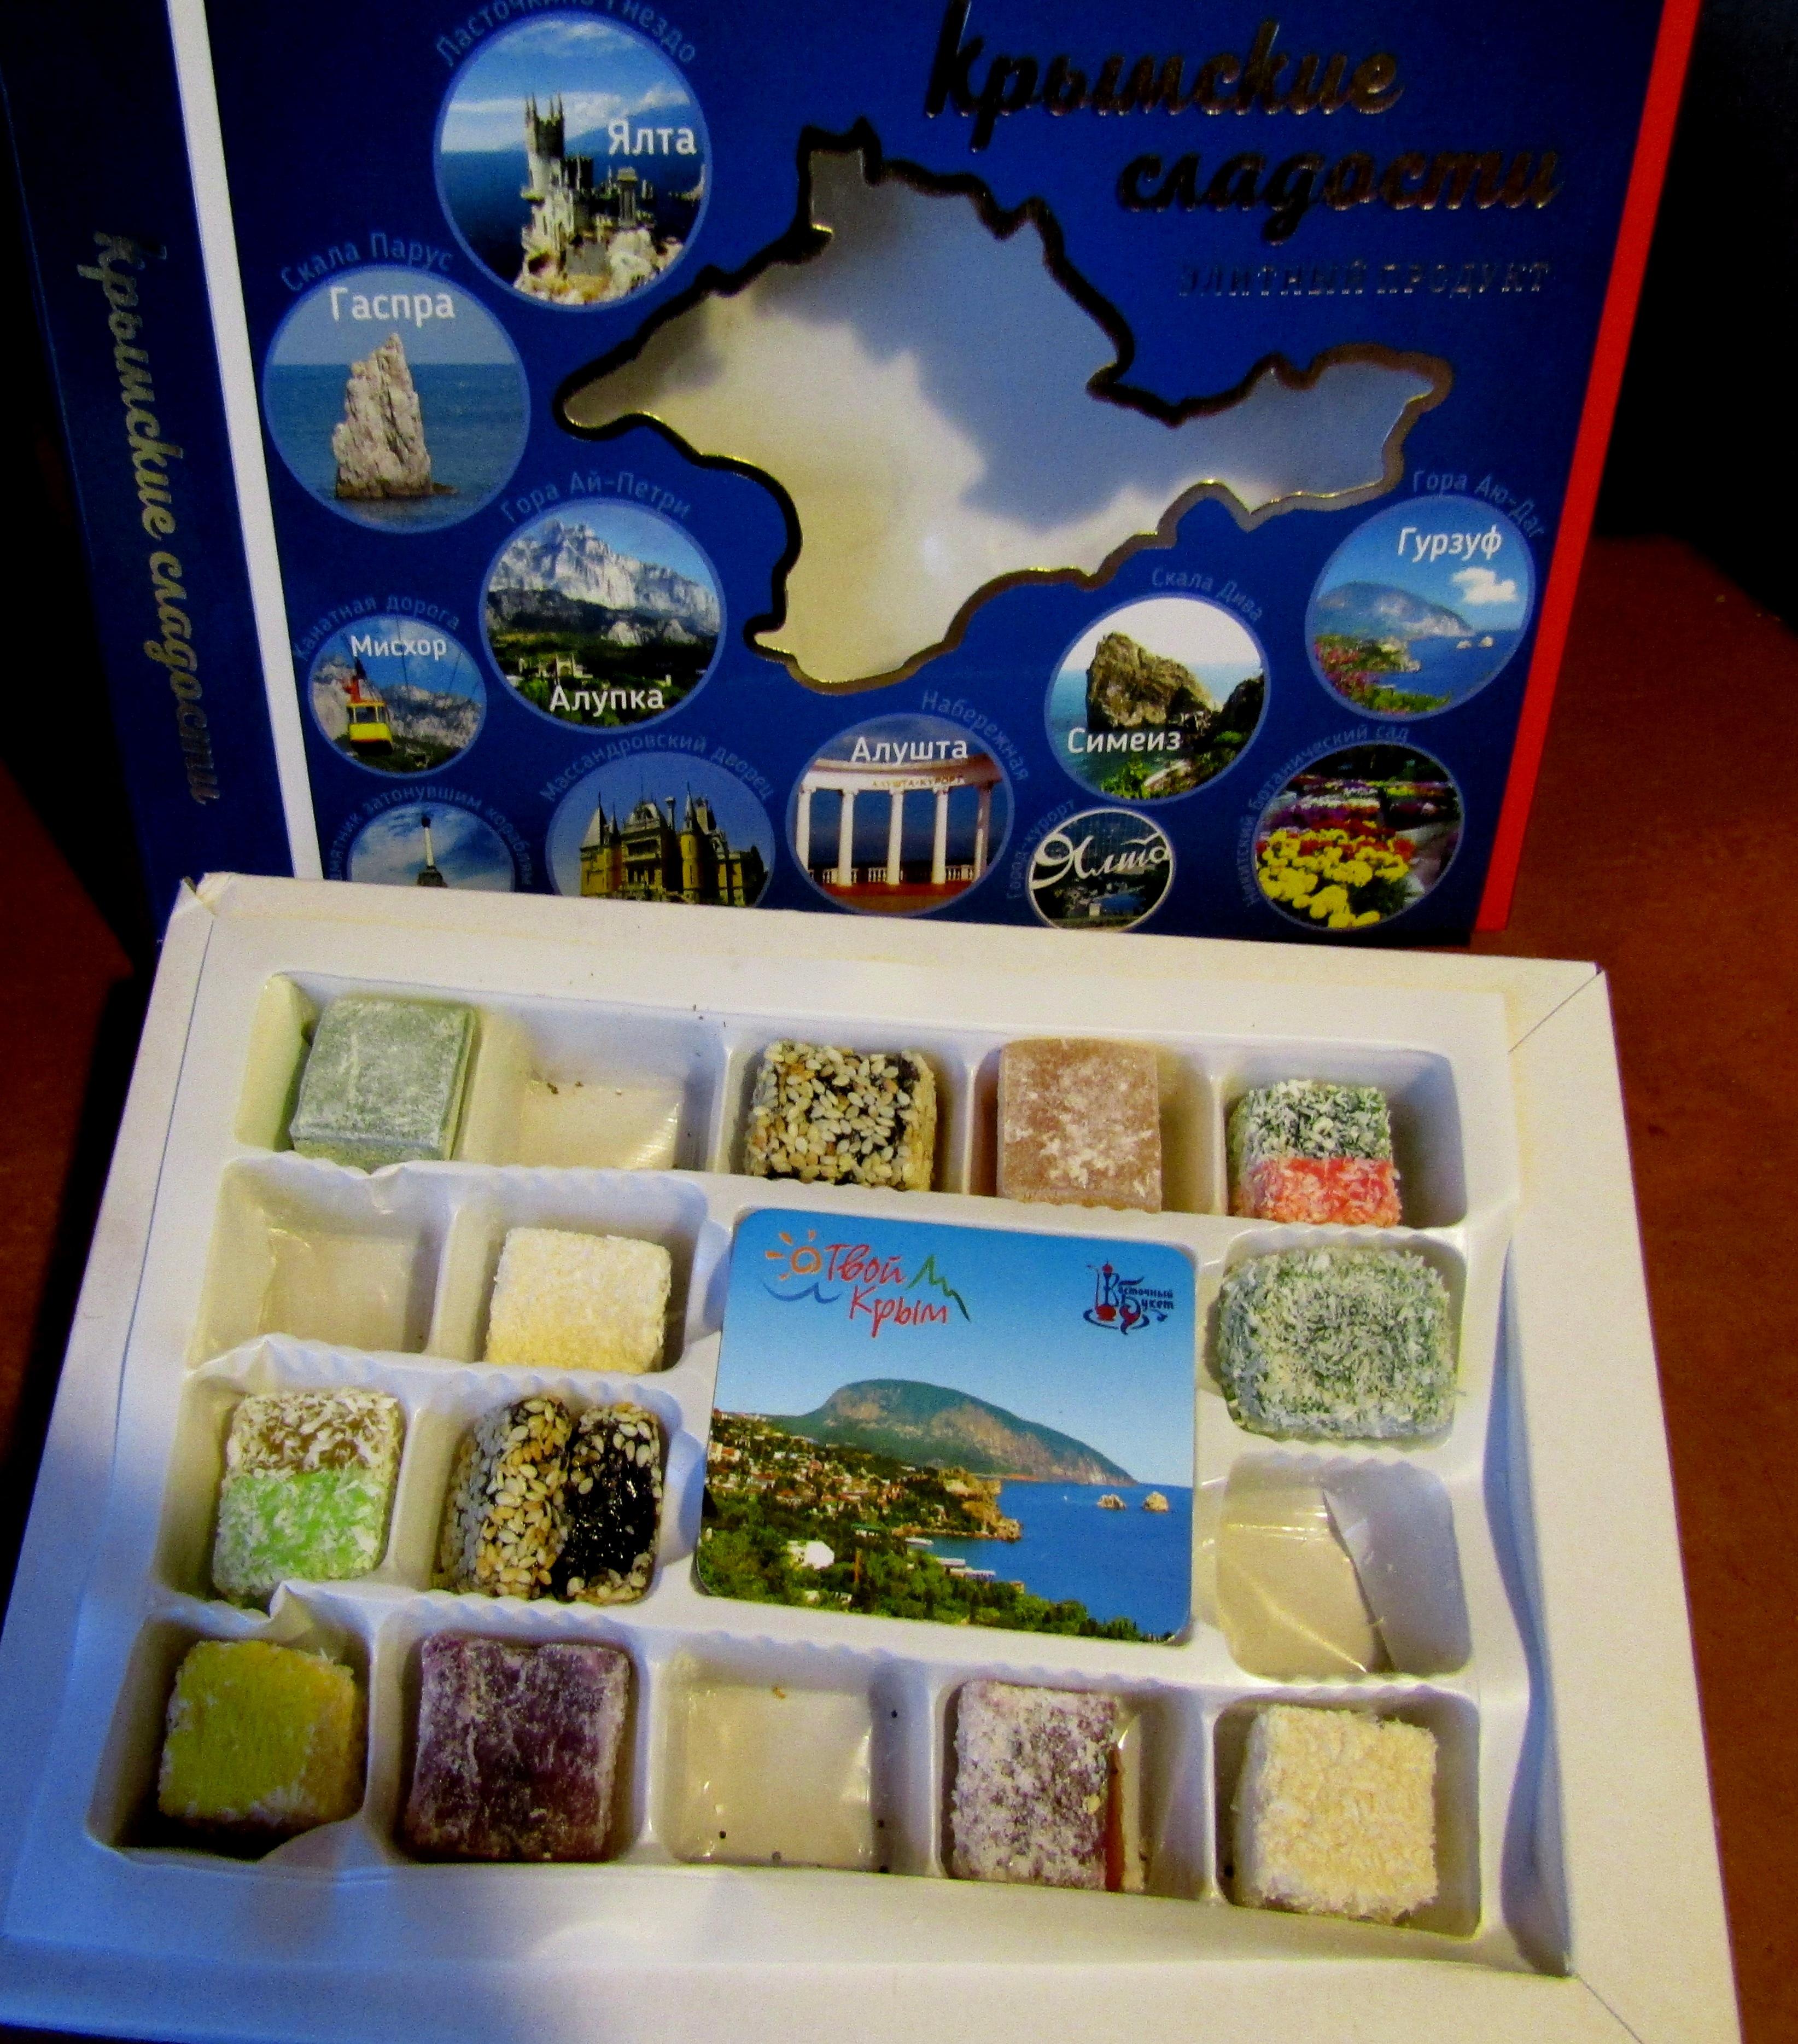 конфеты из Крыма.JPG